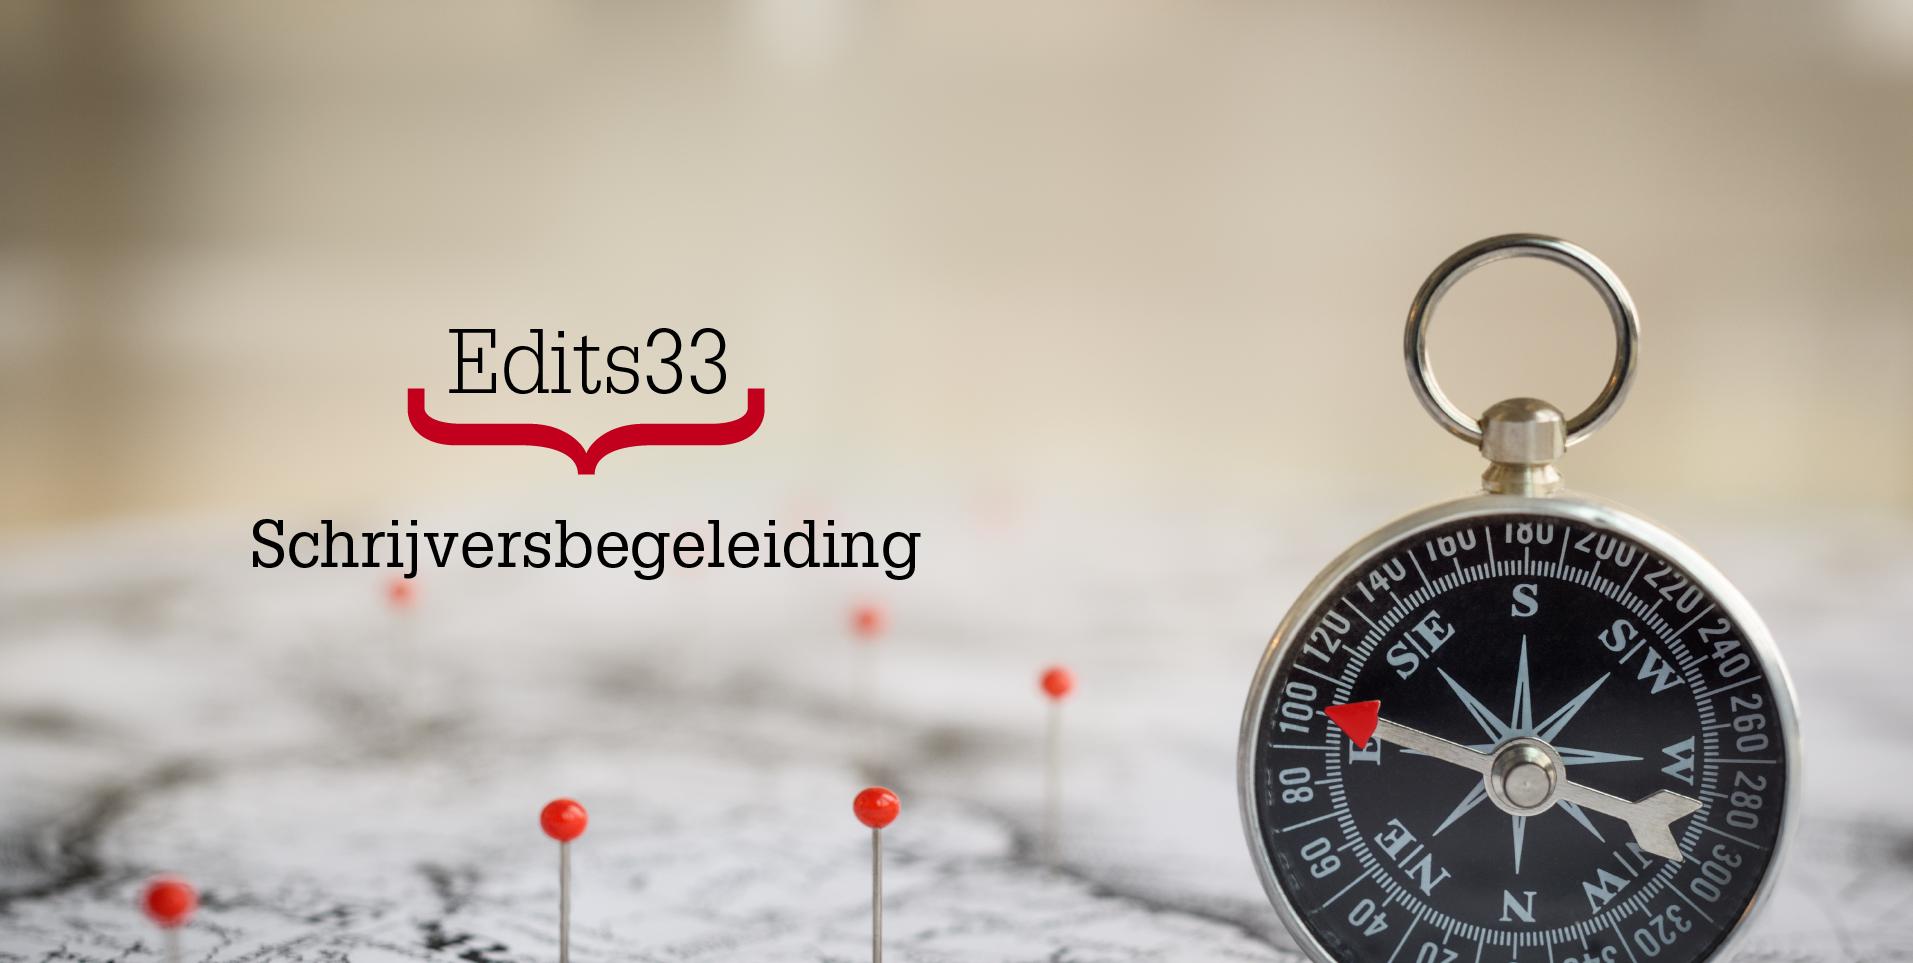 Edits33 - Schrijversbegeleiding